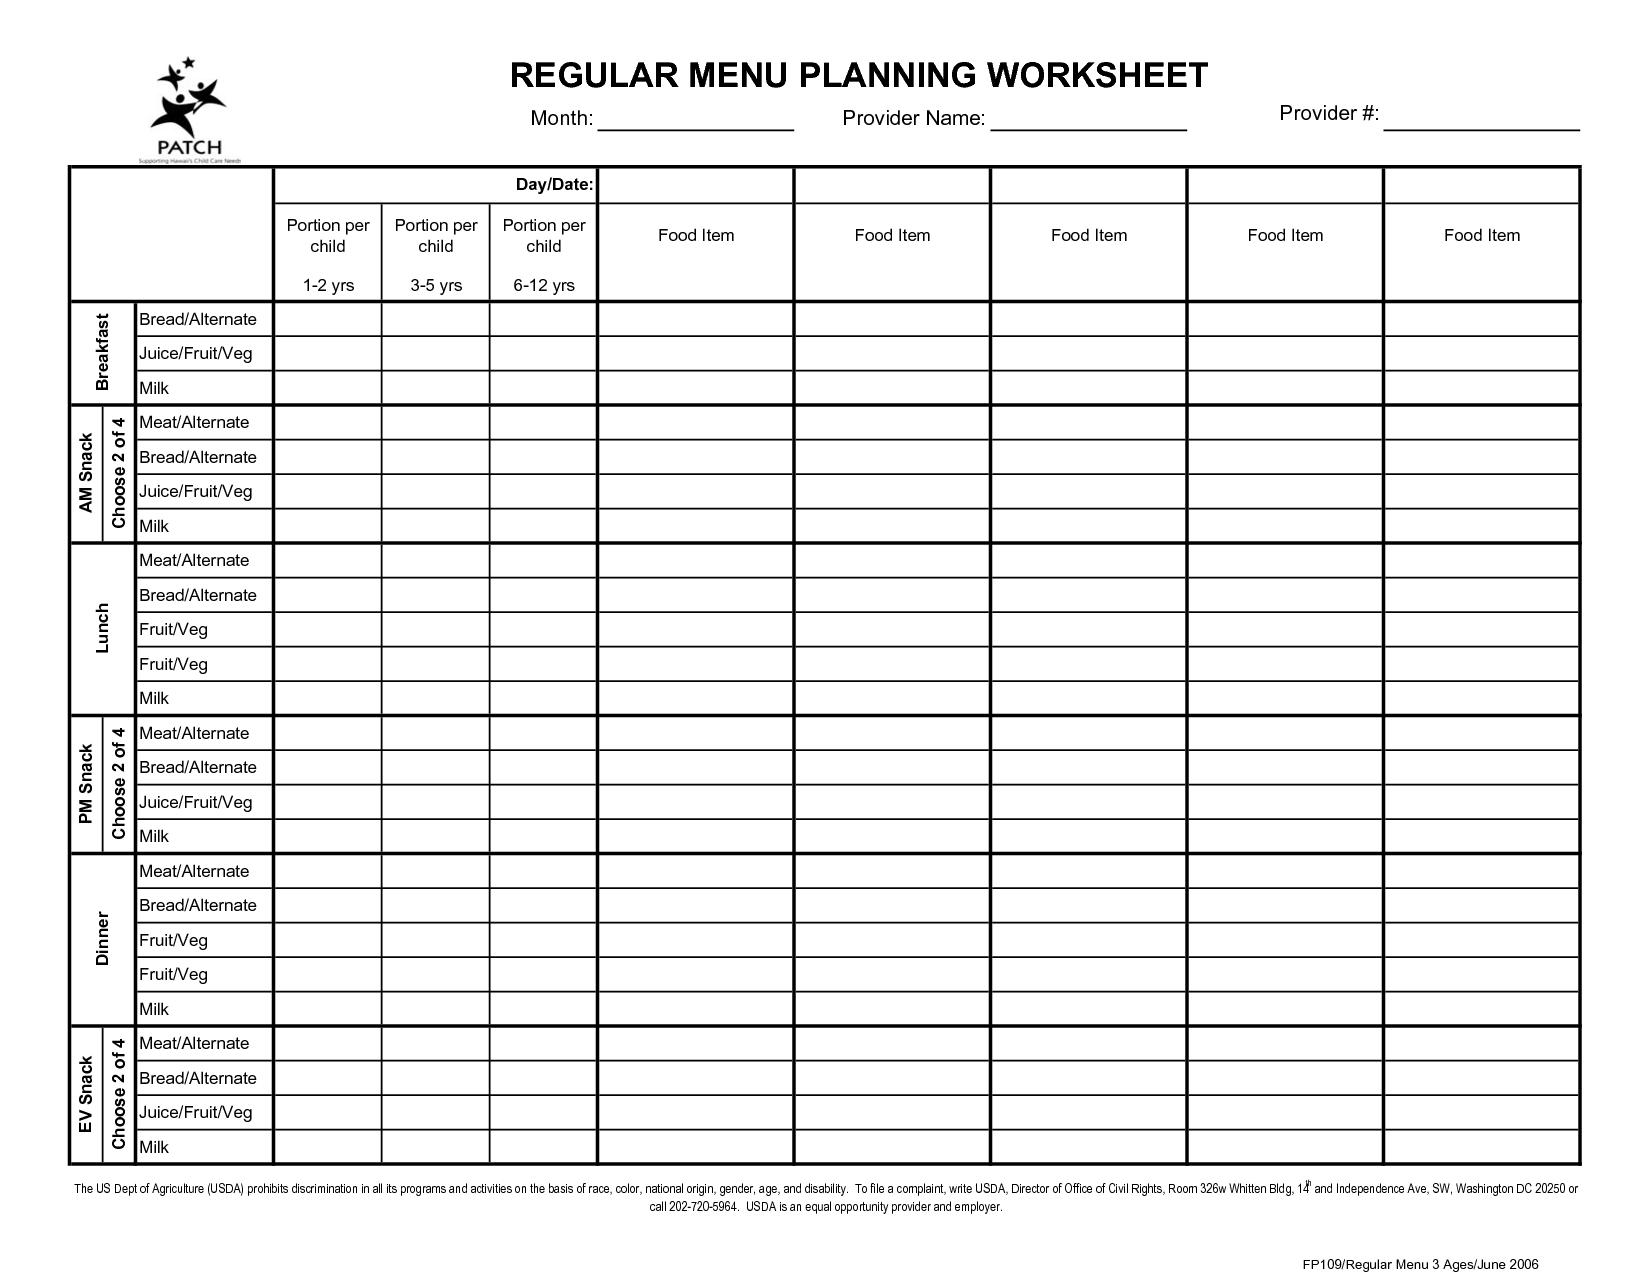 14 Best Images Of Travel Planning Worksheet